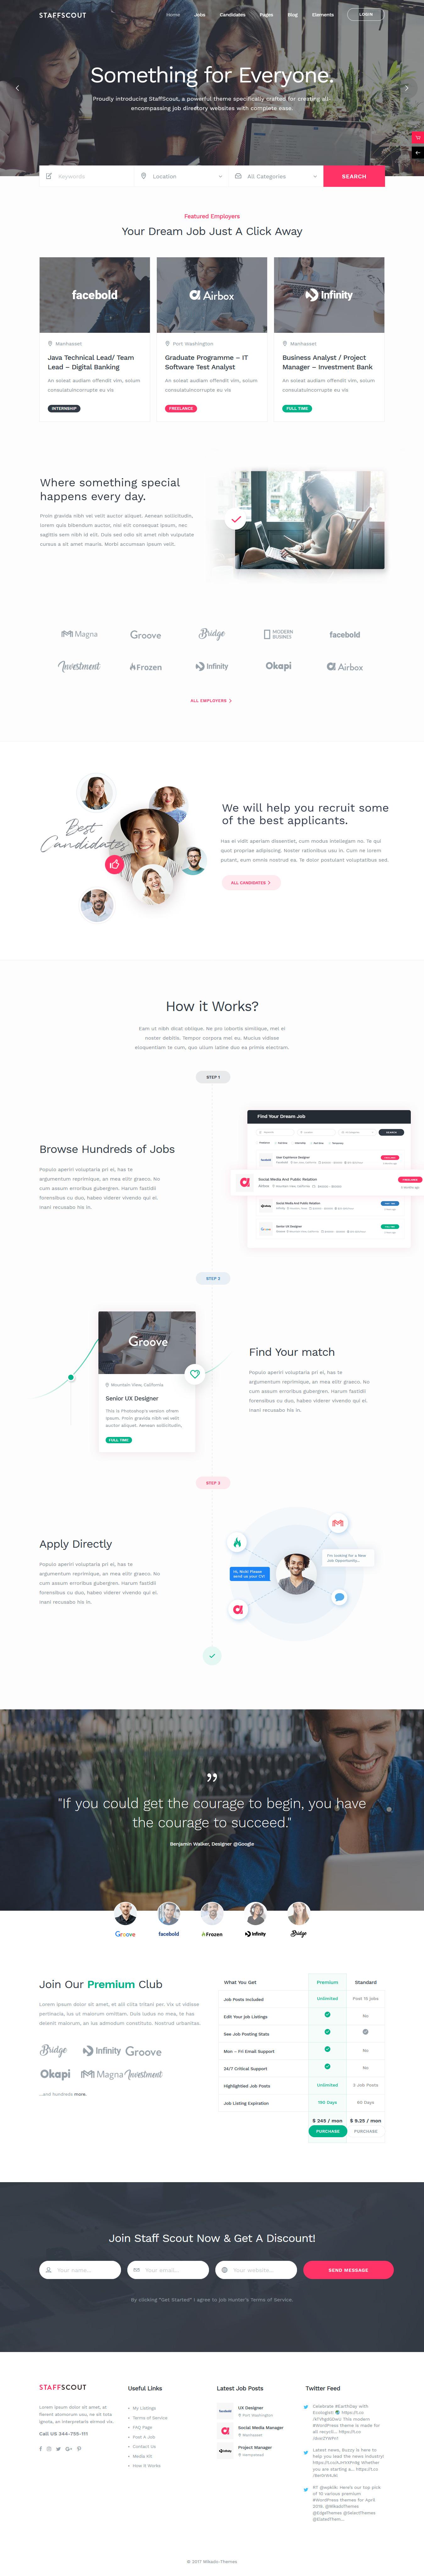 Staffscout - Best Premium Job Board WordPress Theme